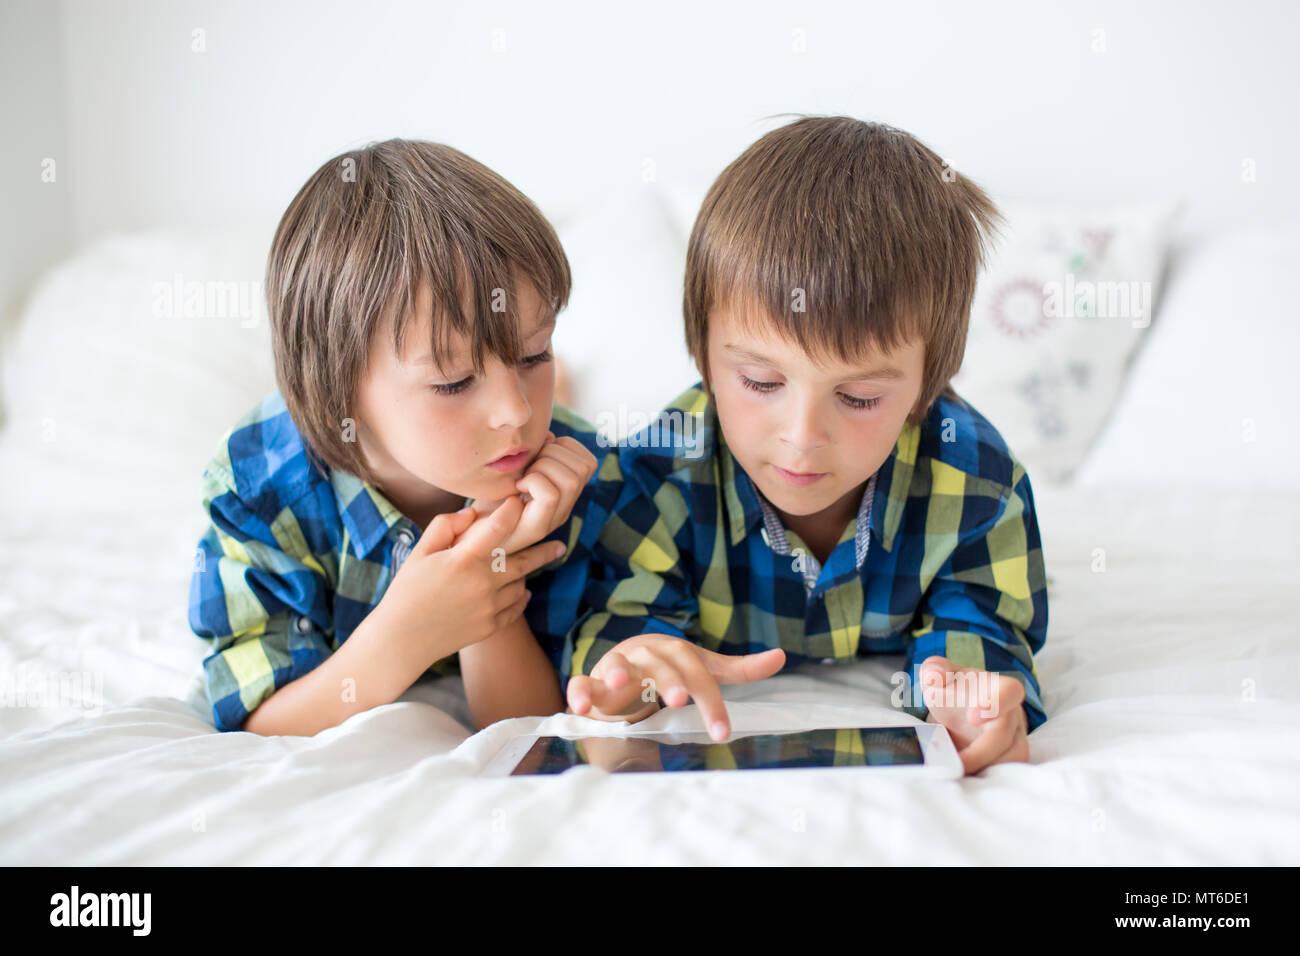 Deux enfants d'âge préscolaire, garçon frères, jouant à la maison au lit sur tablette Photo Stock